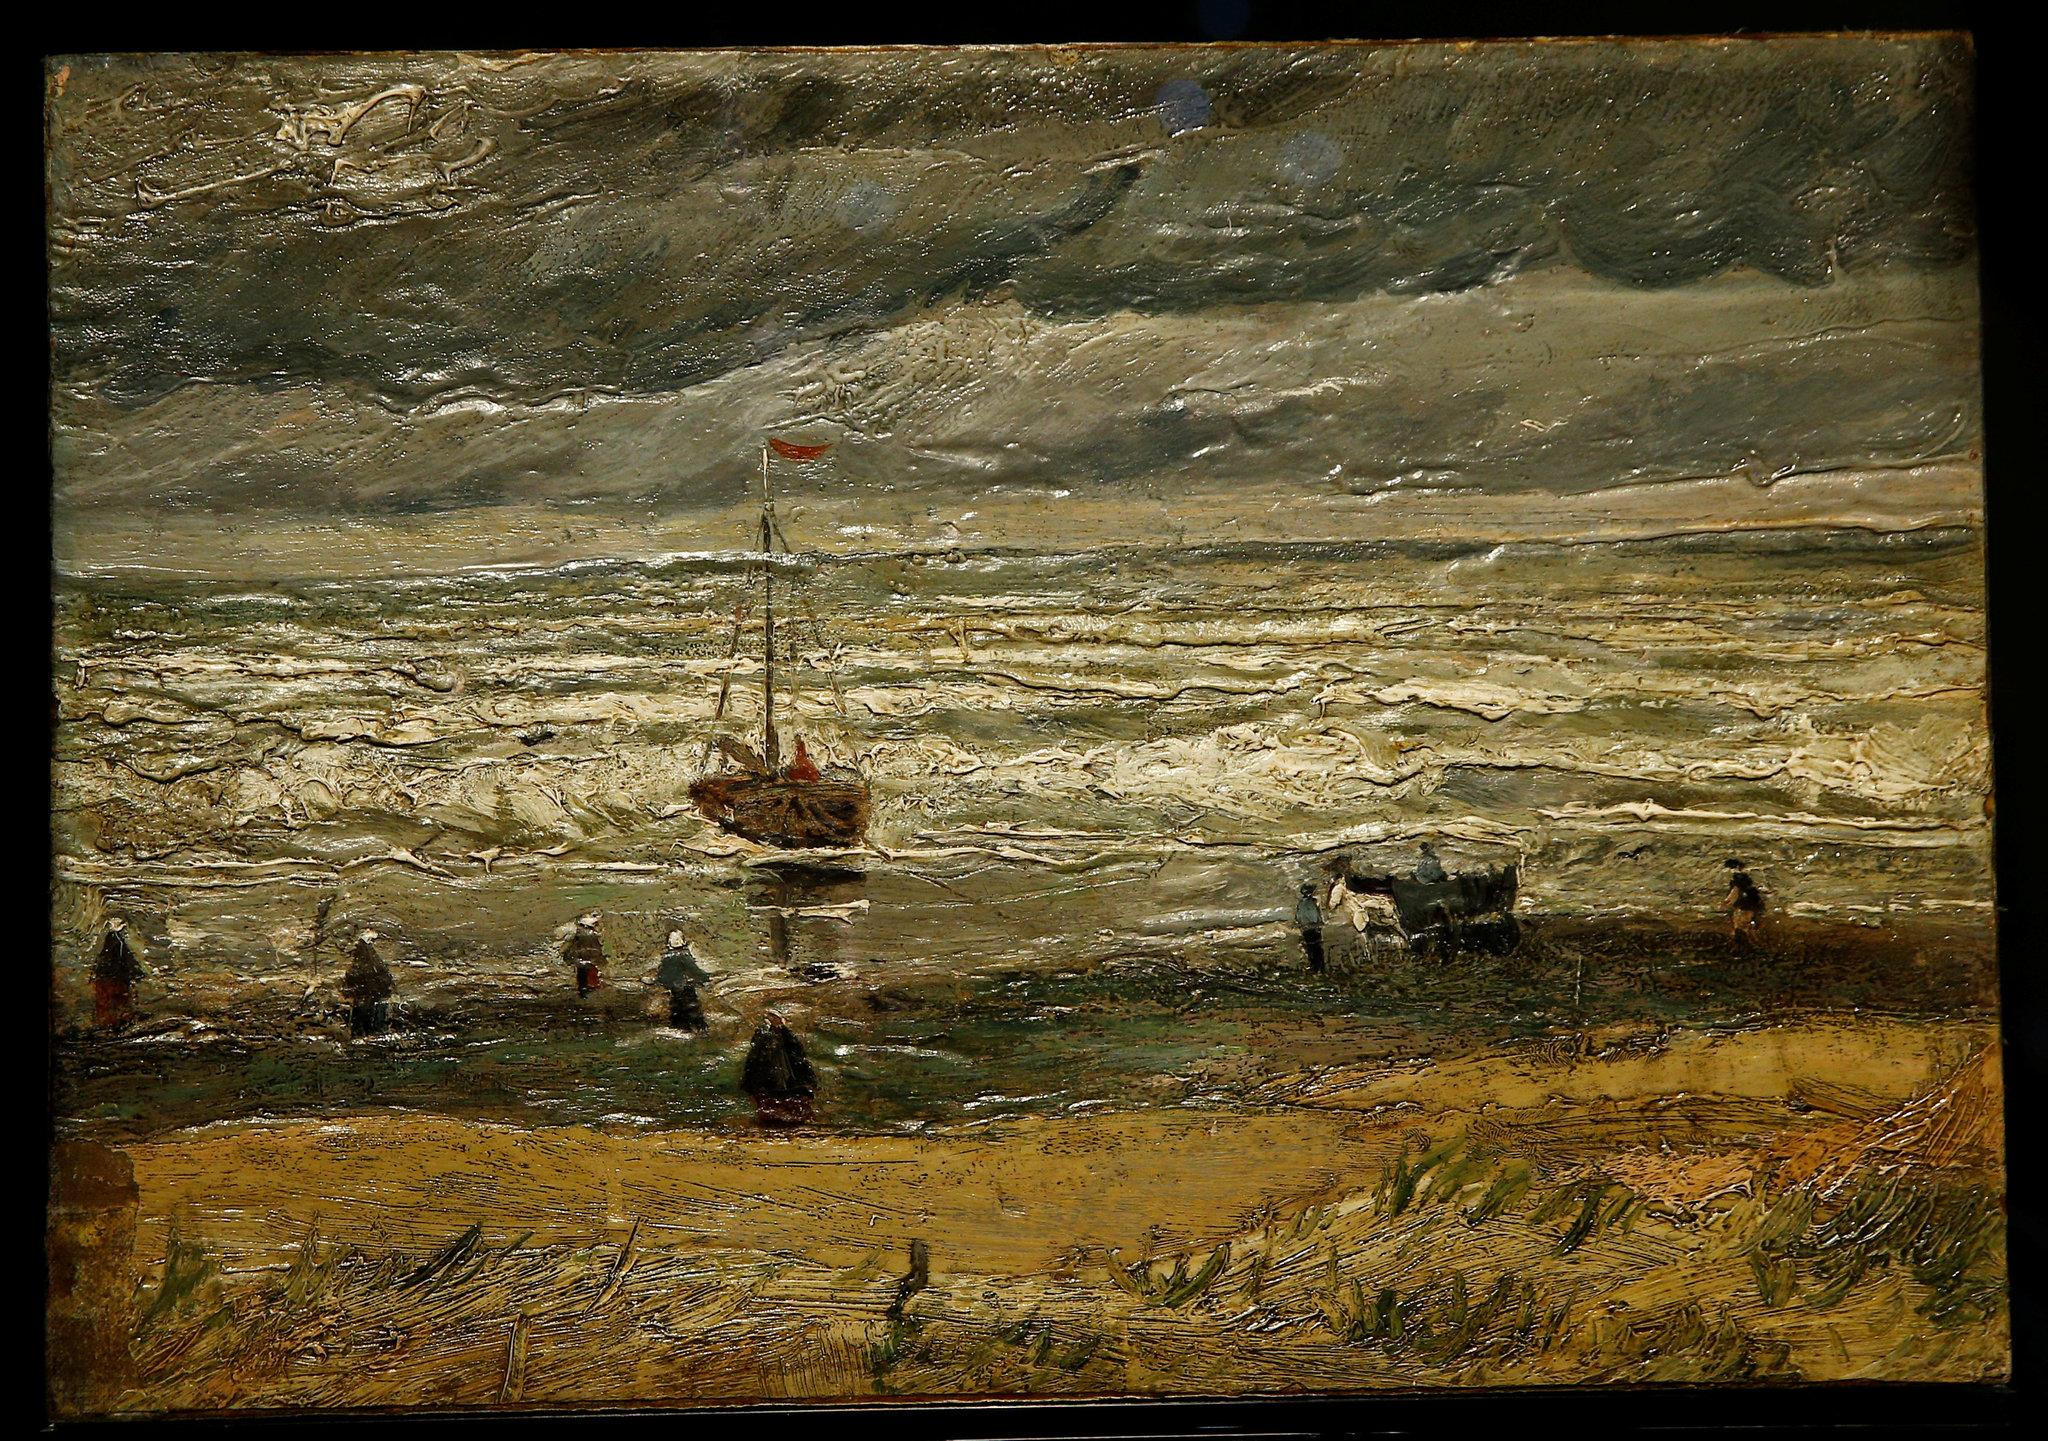 Las pinturas robadas de Van Gogh regresan a Amsterdam 14 años ...